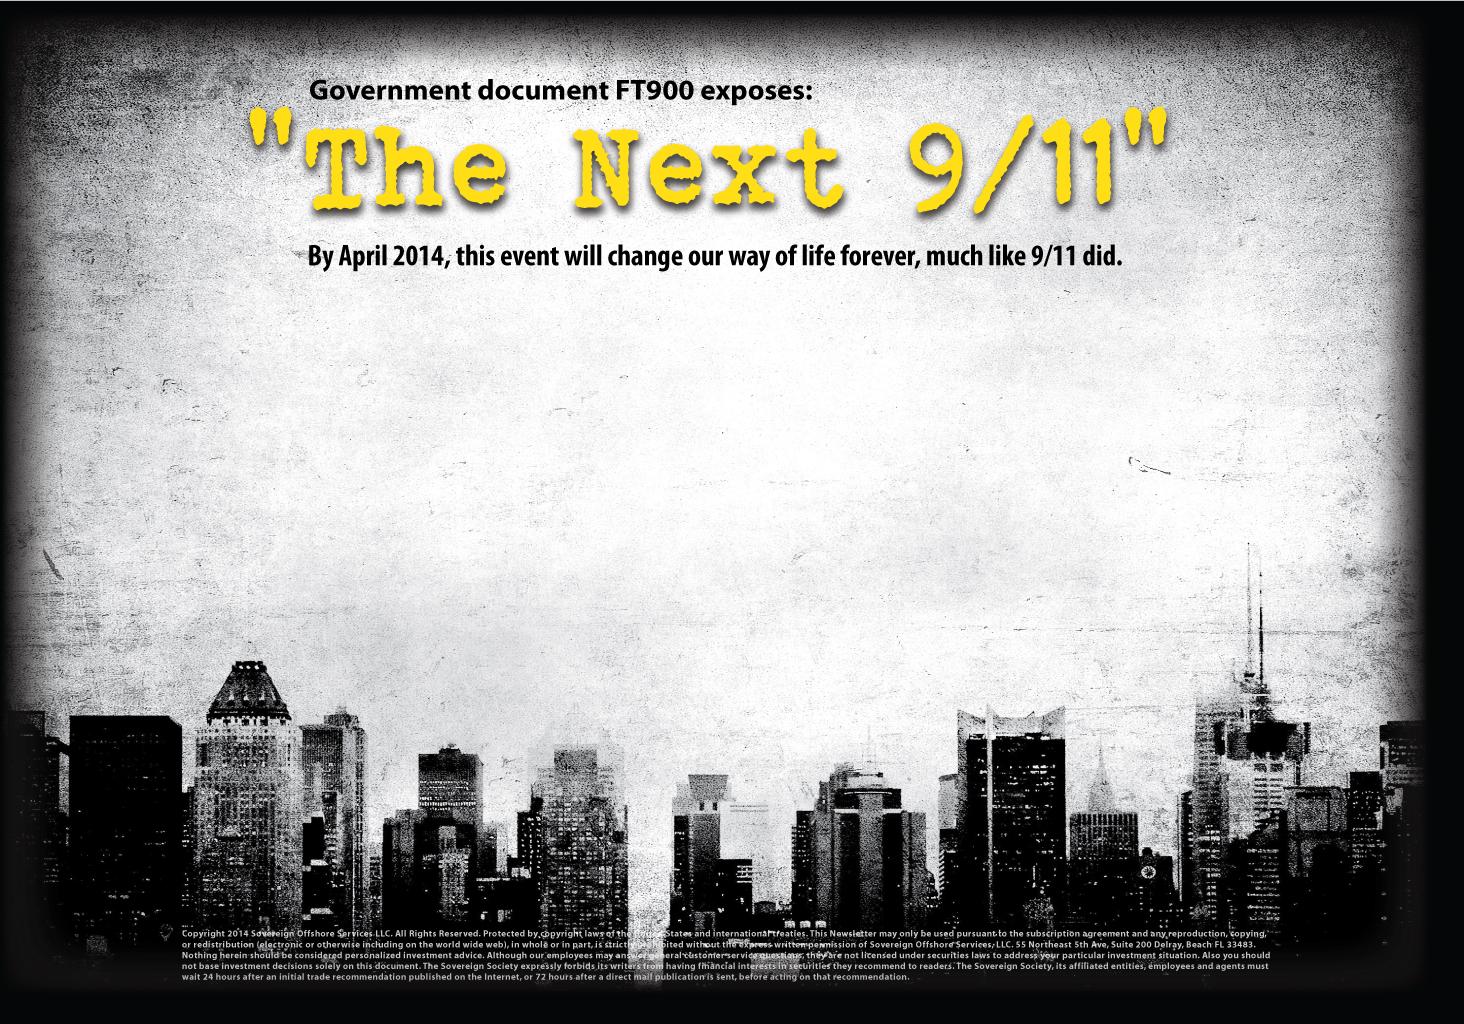 9/11 background image